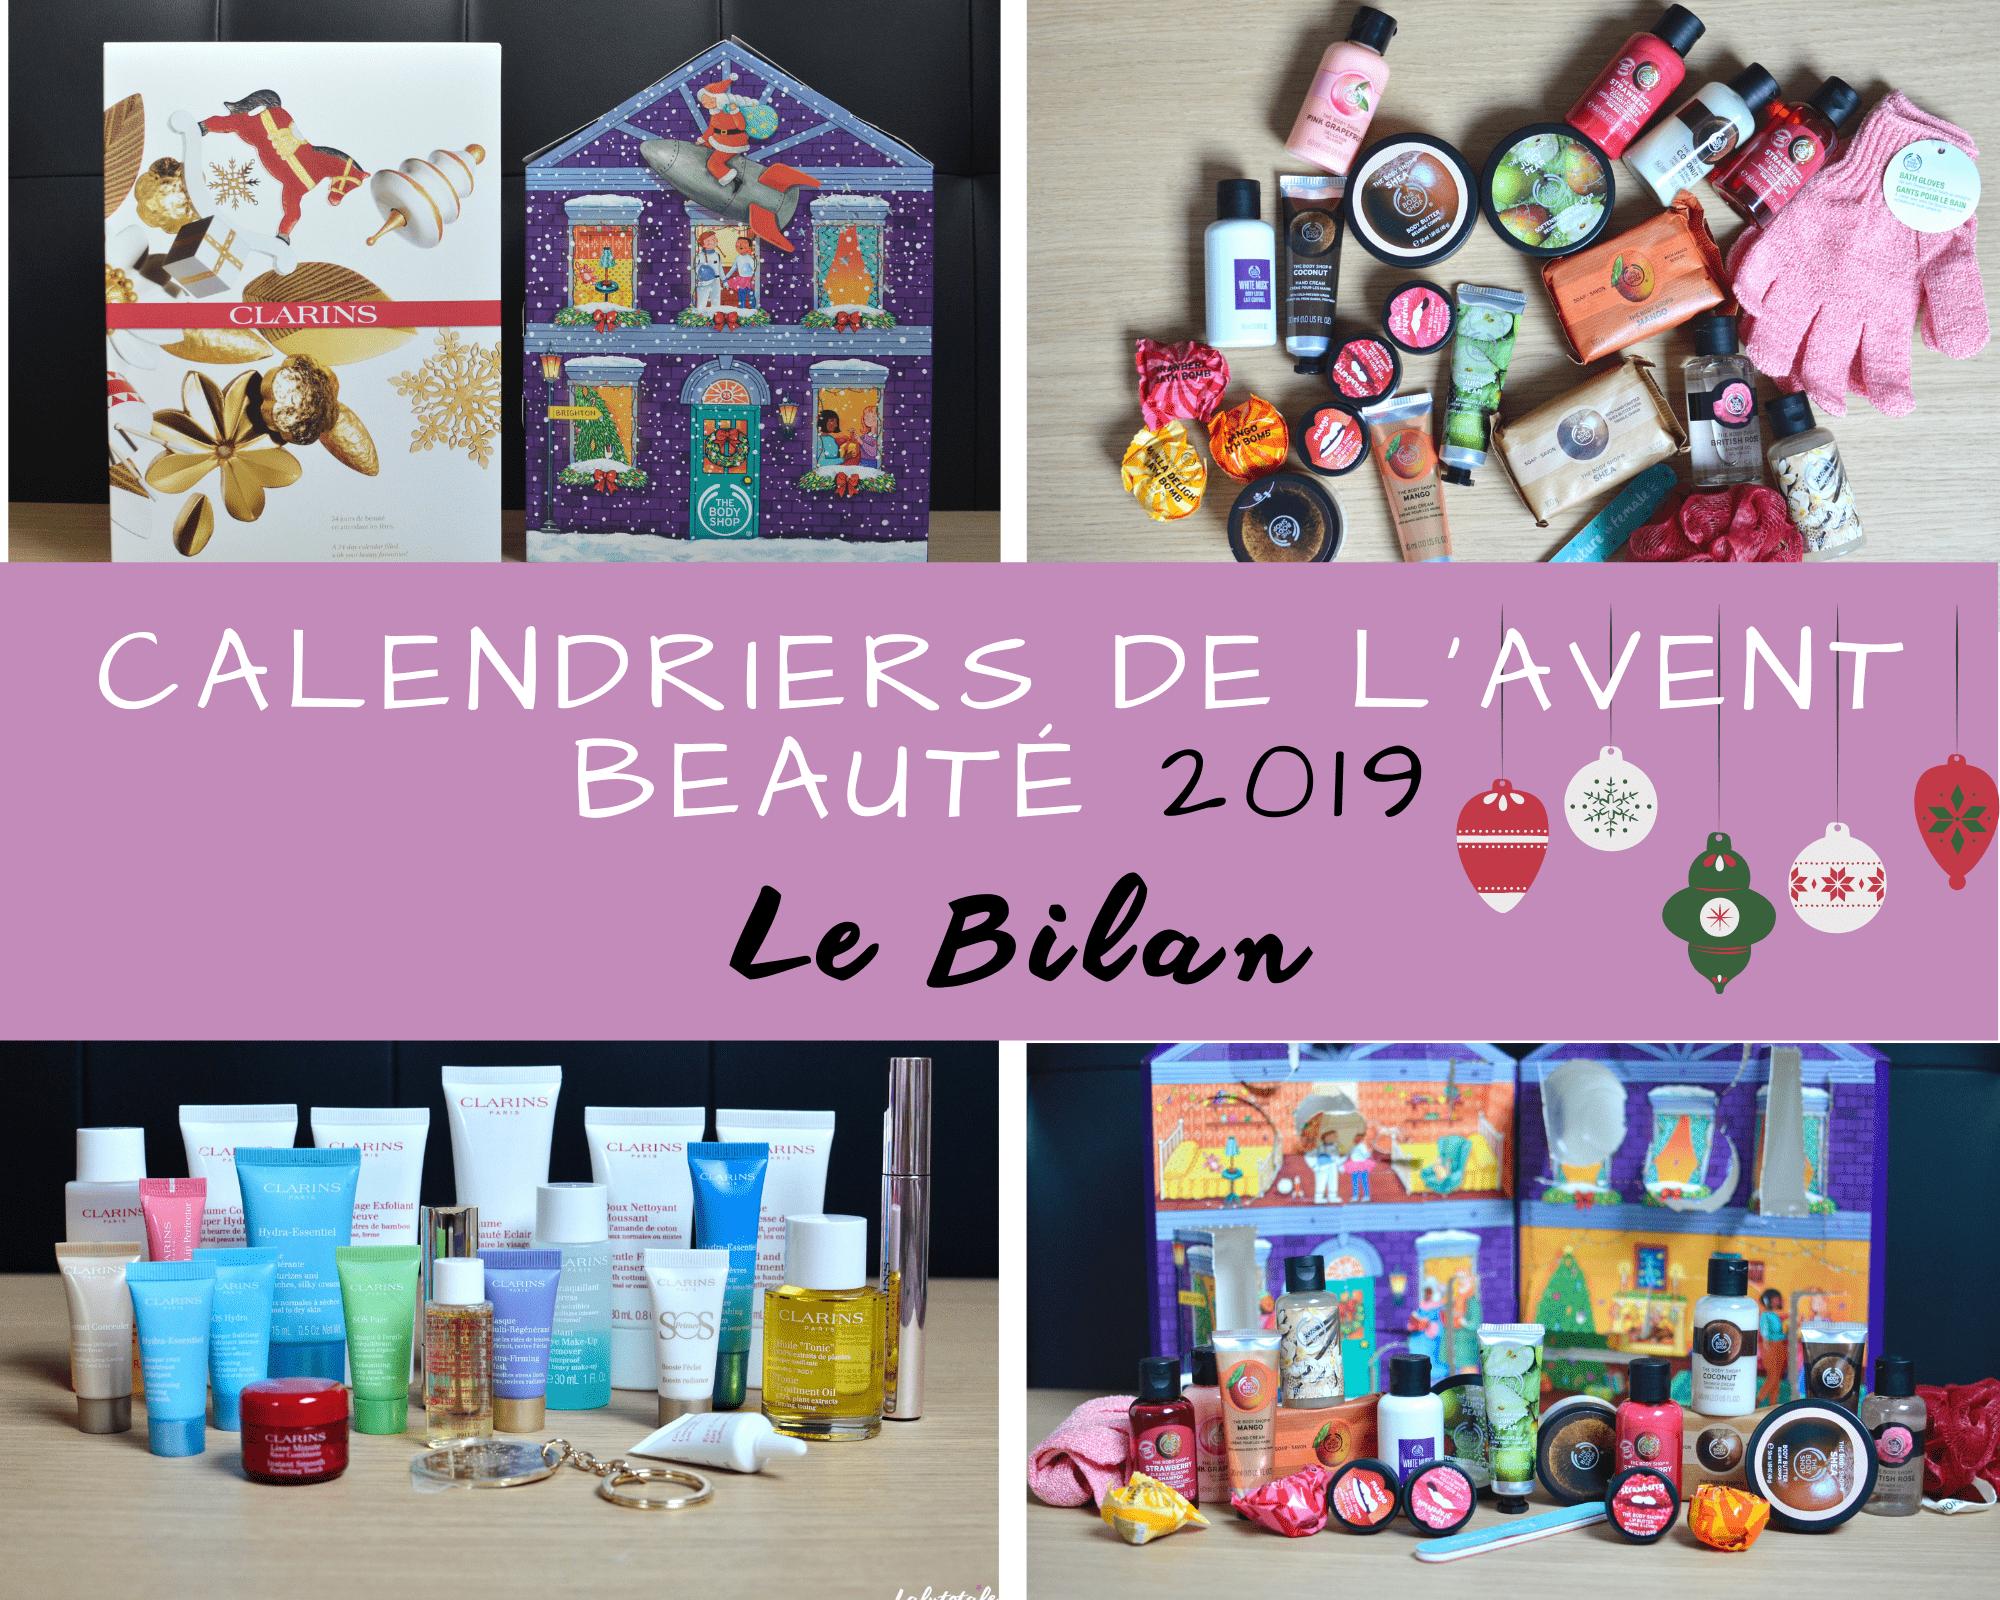 Mon BILAN des calendriers de l'Avent beauté 2019 (←non j'ai pas bu)